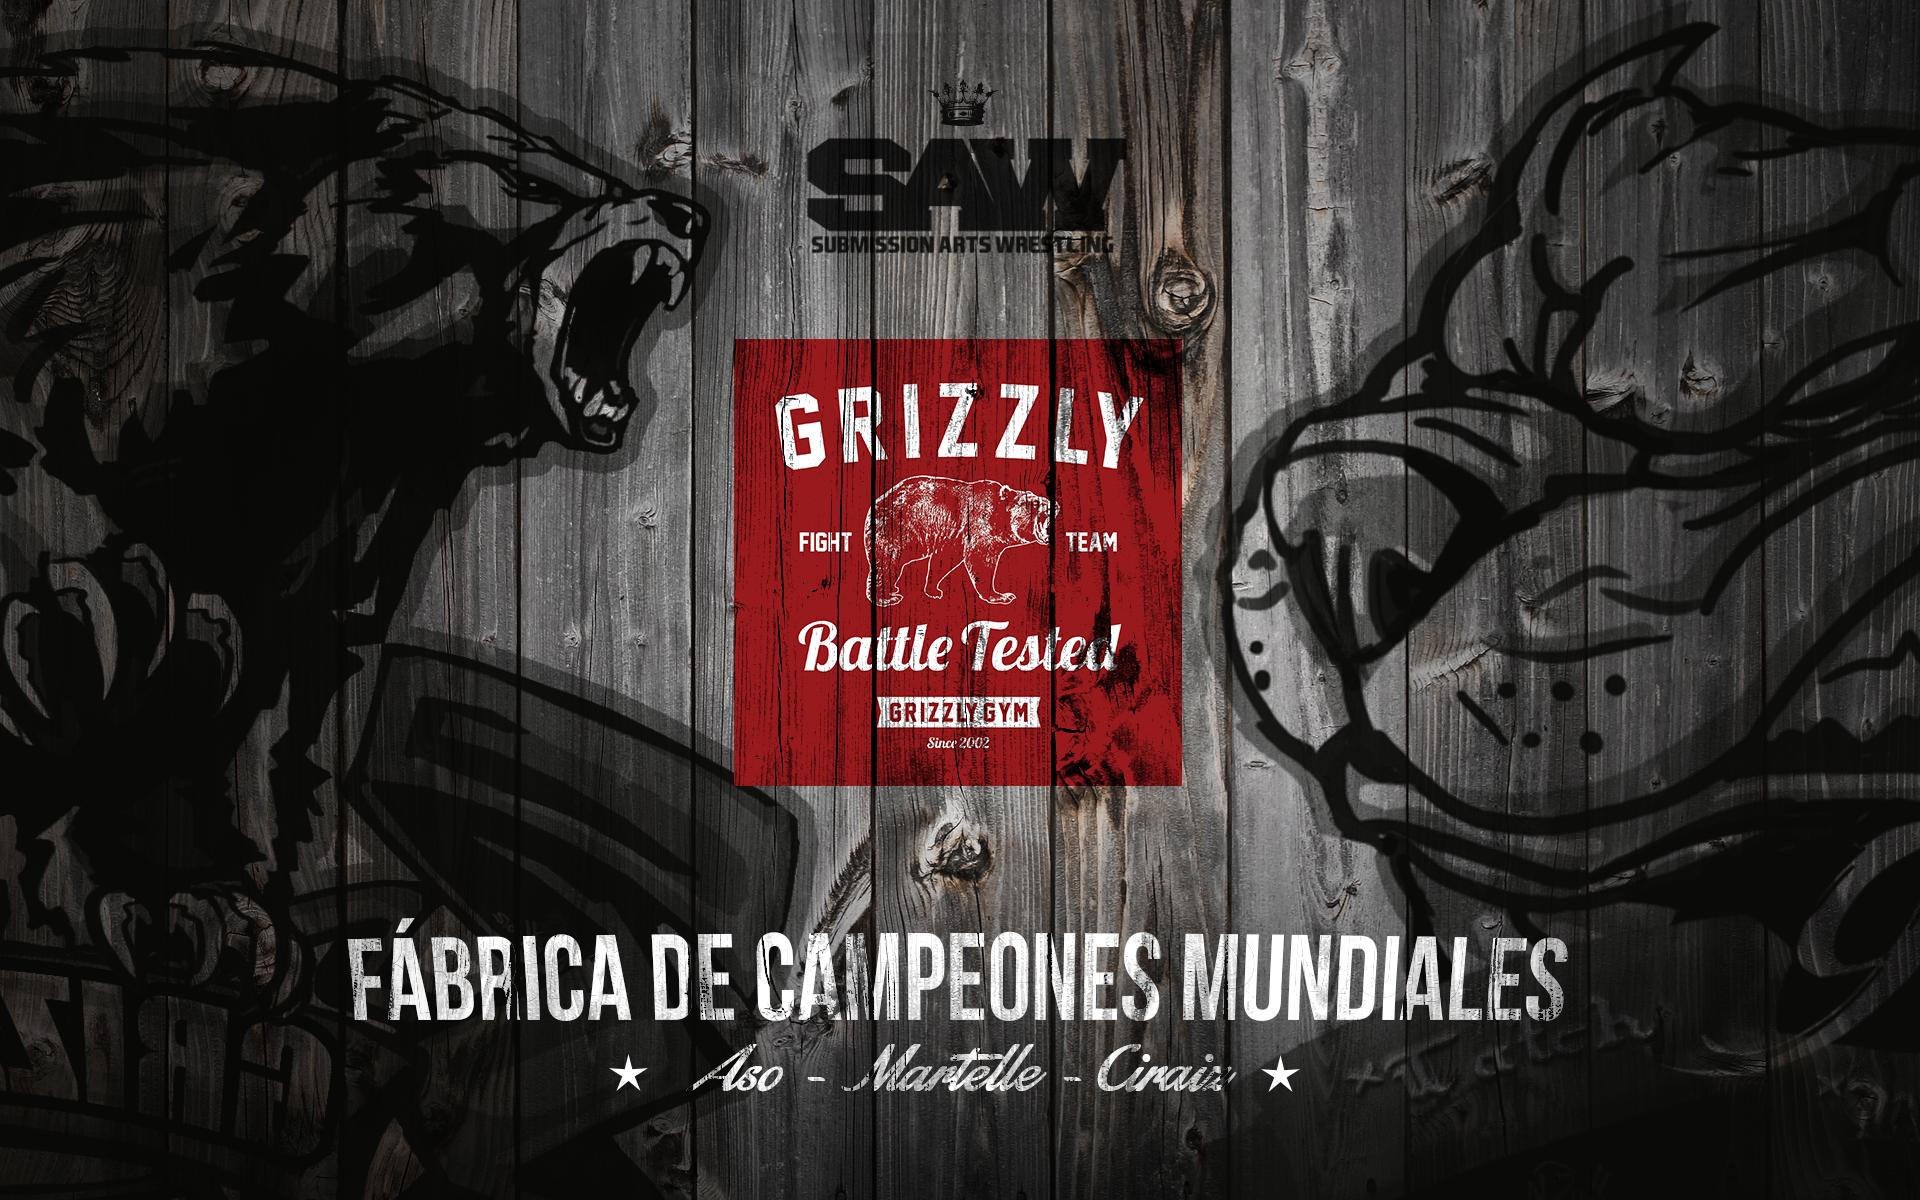 Fabrica de Campeones Mundiales - Fight Club Guatemala